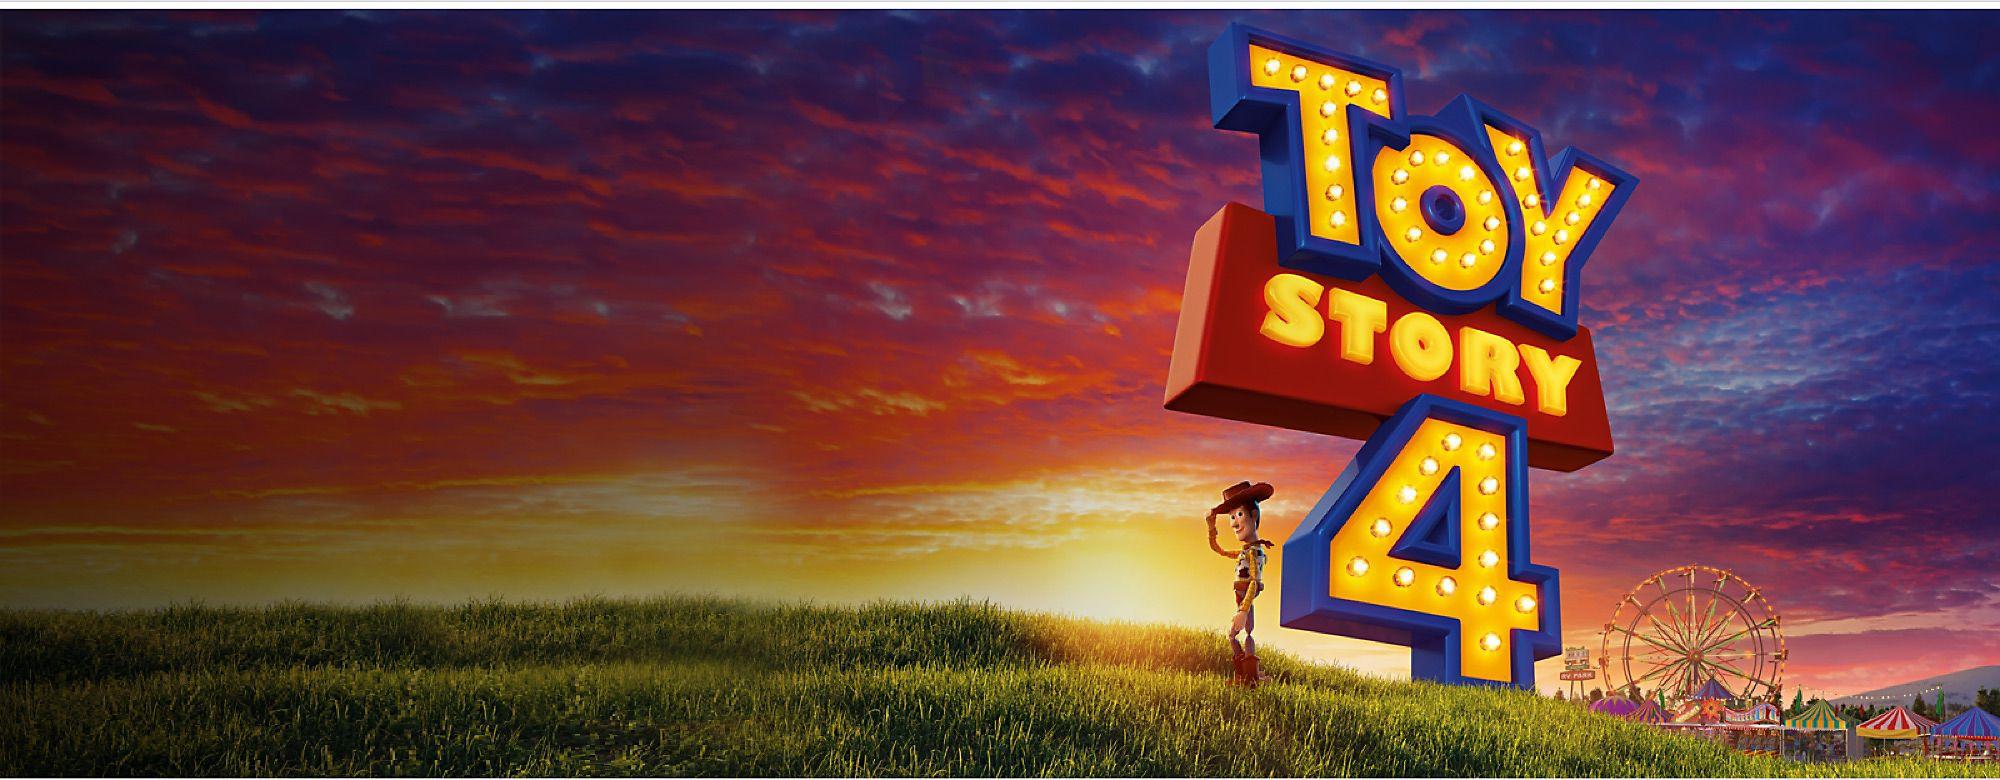 Toy Story 4 Un nouveau jouet nommé Forky rejoint Woody et sa bande dans une grande aventure, et c'est l'occasion de découvrir que le monde est vaste quand on est un jouet. Rejoignez-les en explorant notre collection de jouets, articles de papeterie et plus. Sortie en juin 2019 DÉCOUVRIR